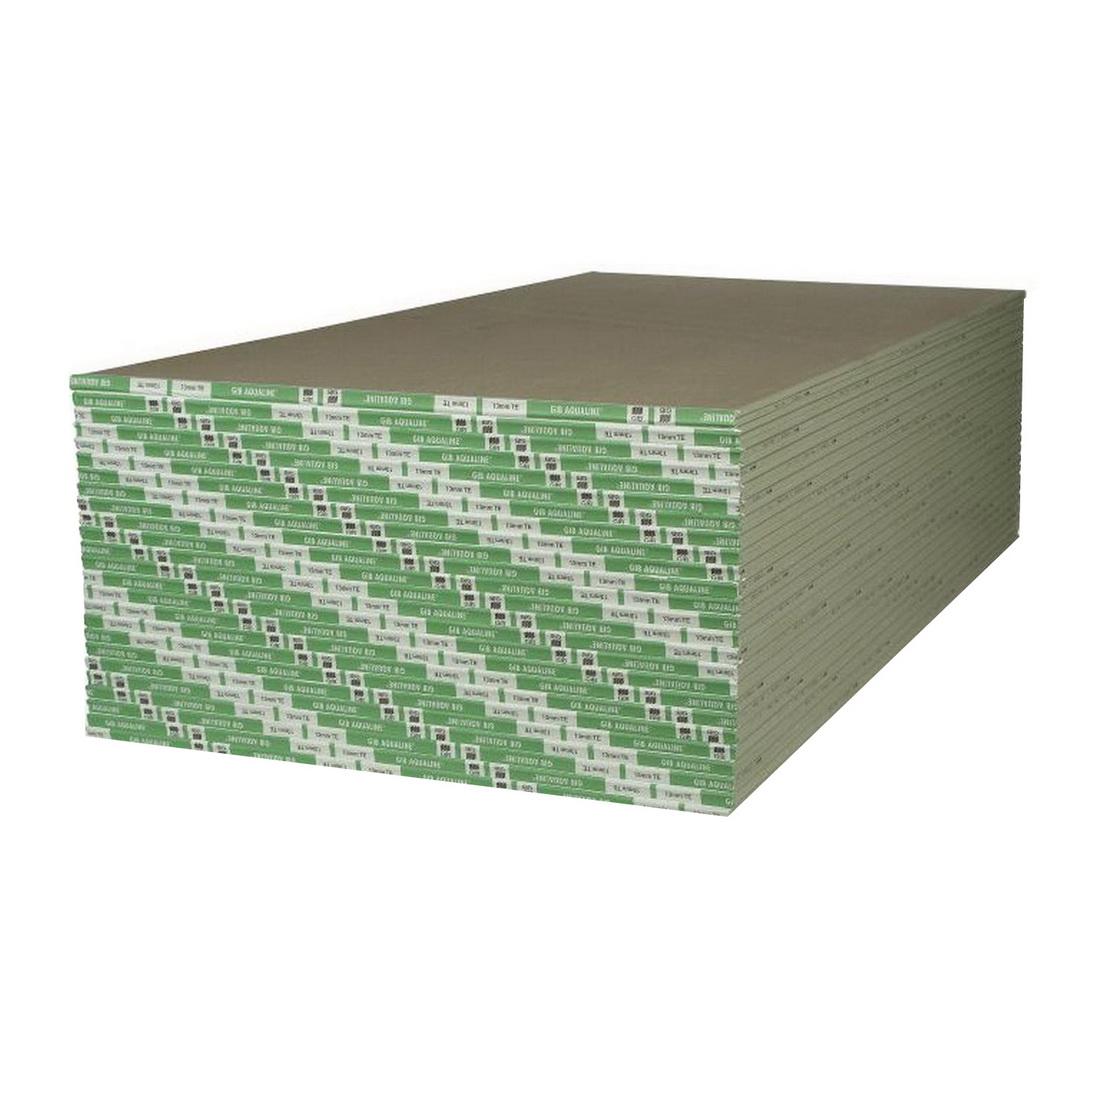 Aqualine Taper/Square Edge Plasterboard 3600 x 1350 x 10mm 15495